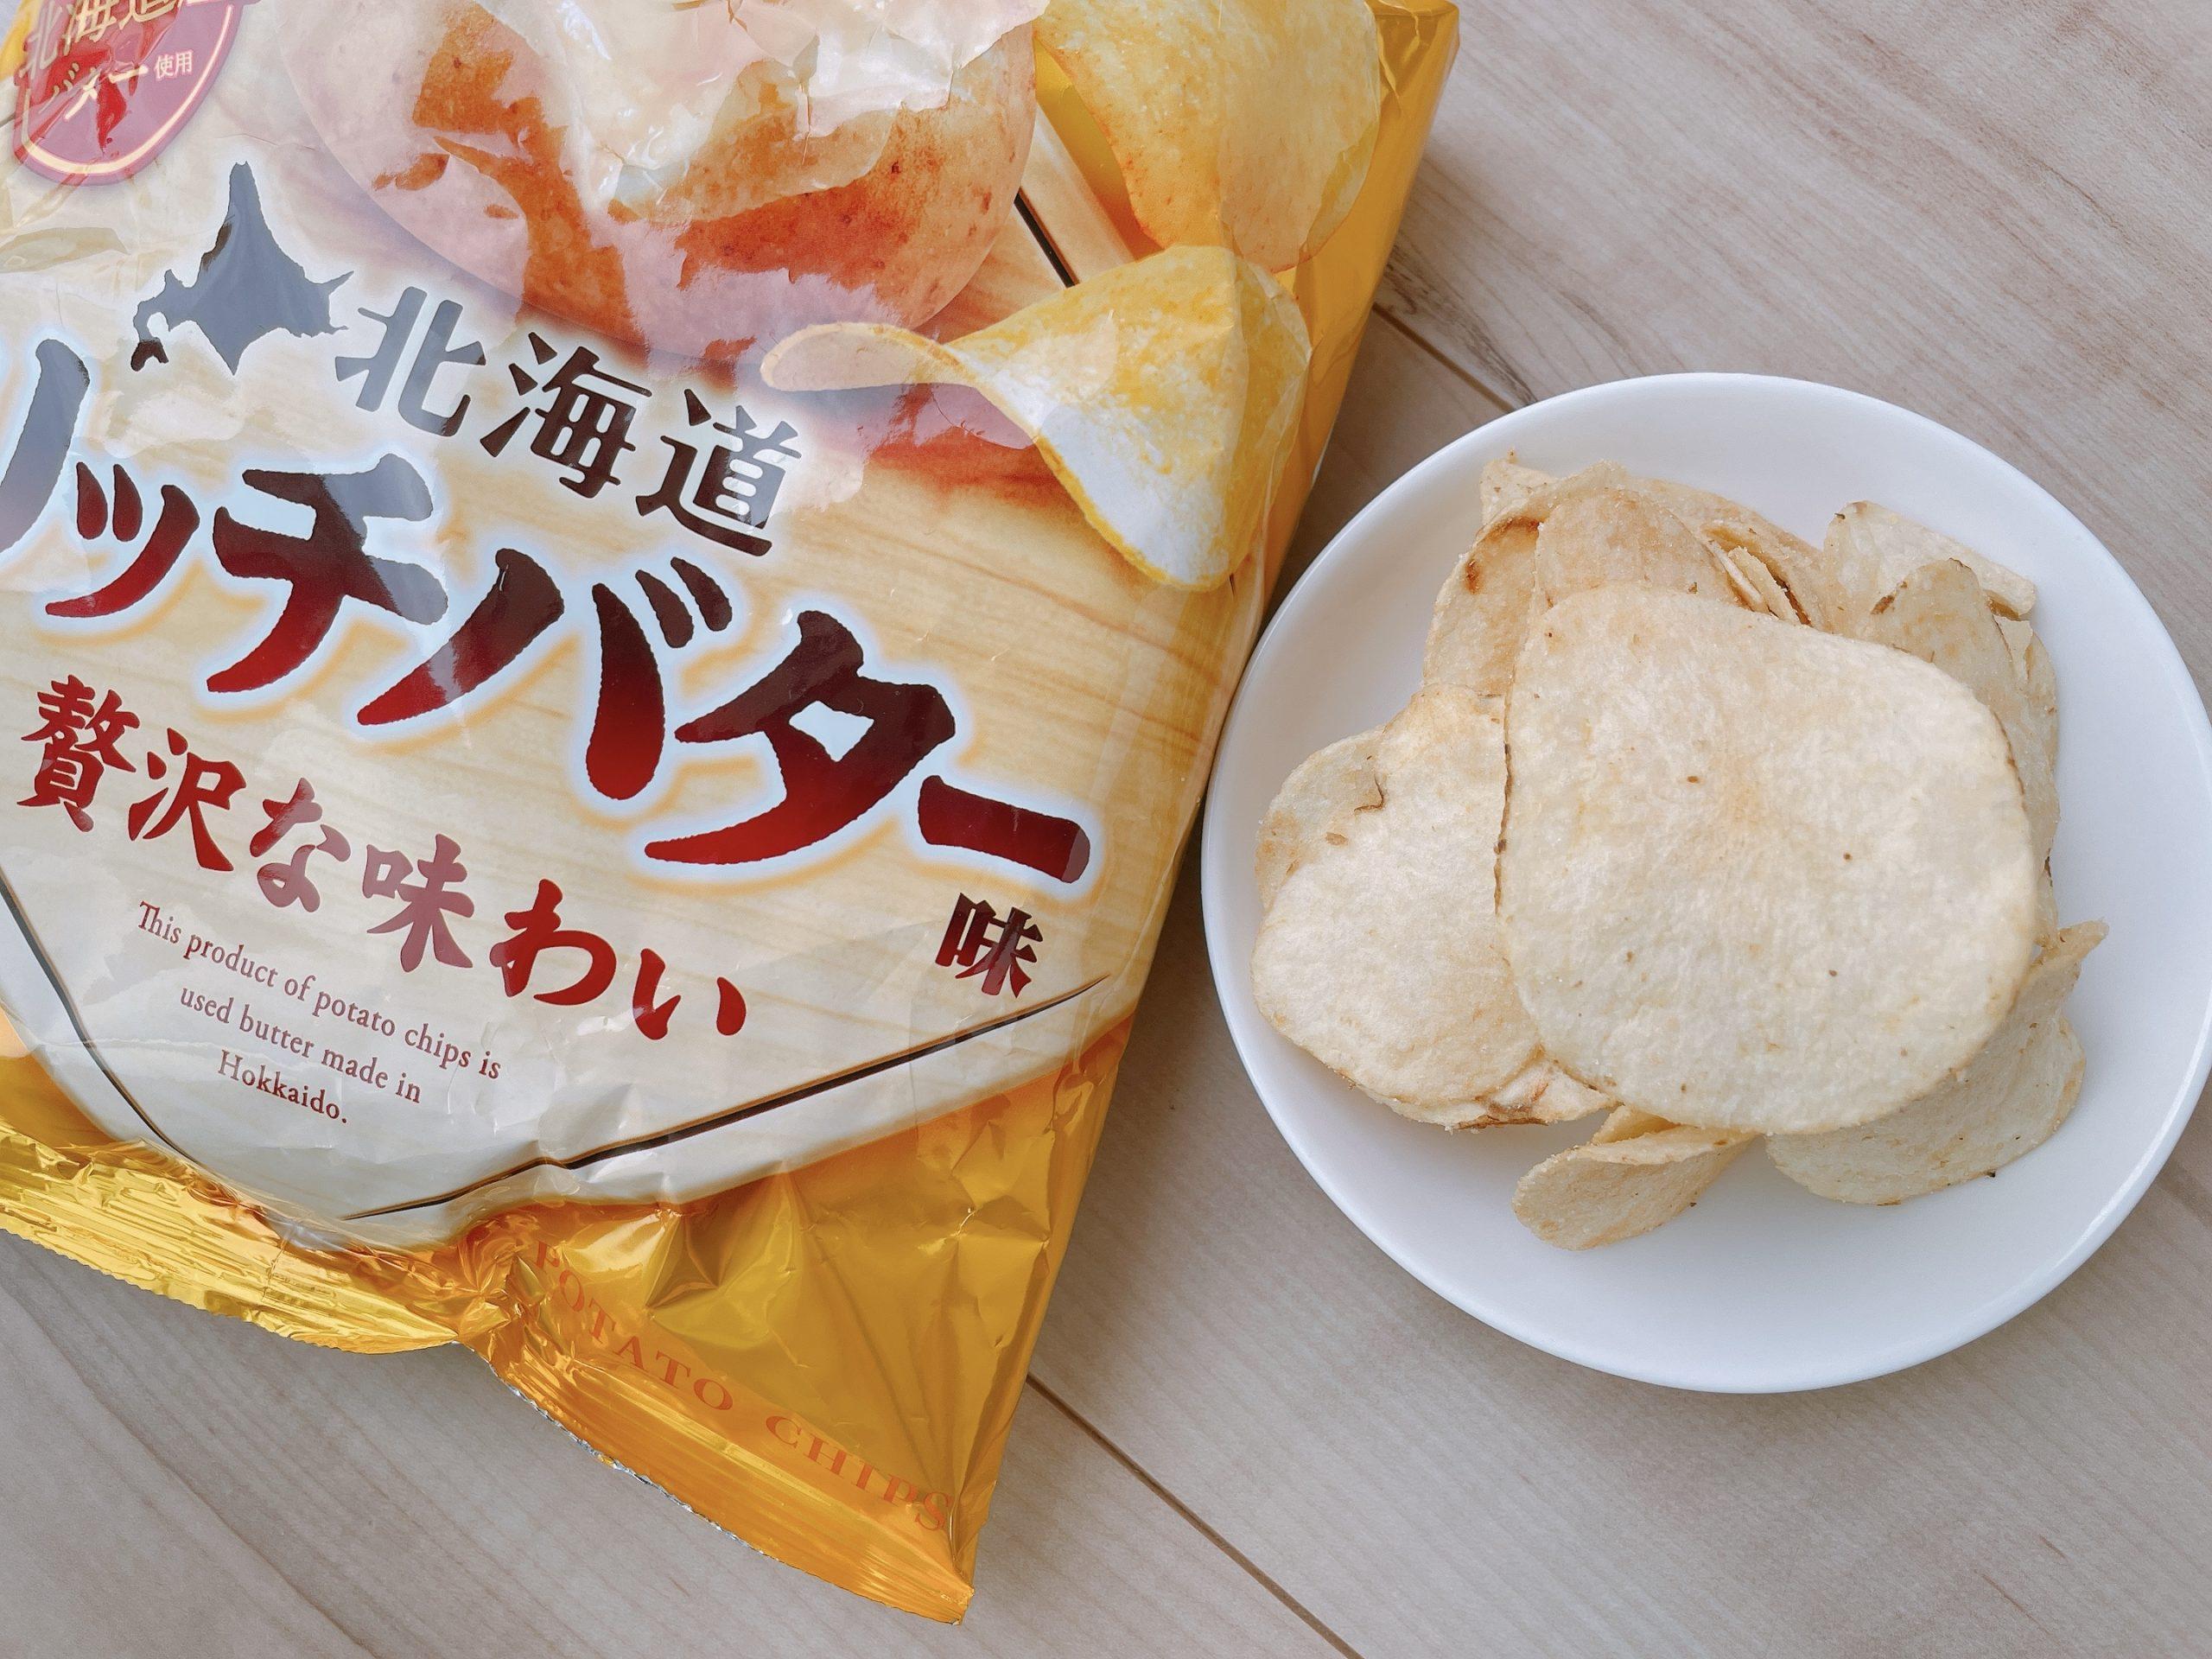 ポテトチップス<北海道リッチバター味>は、意外にあっさりした味